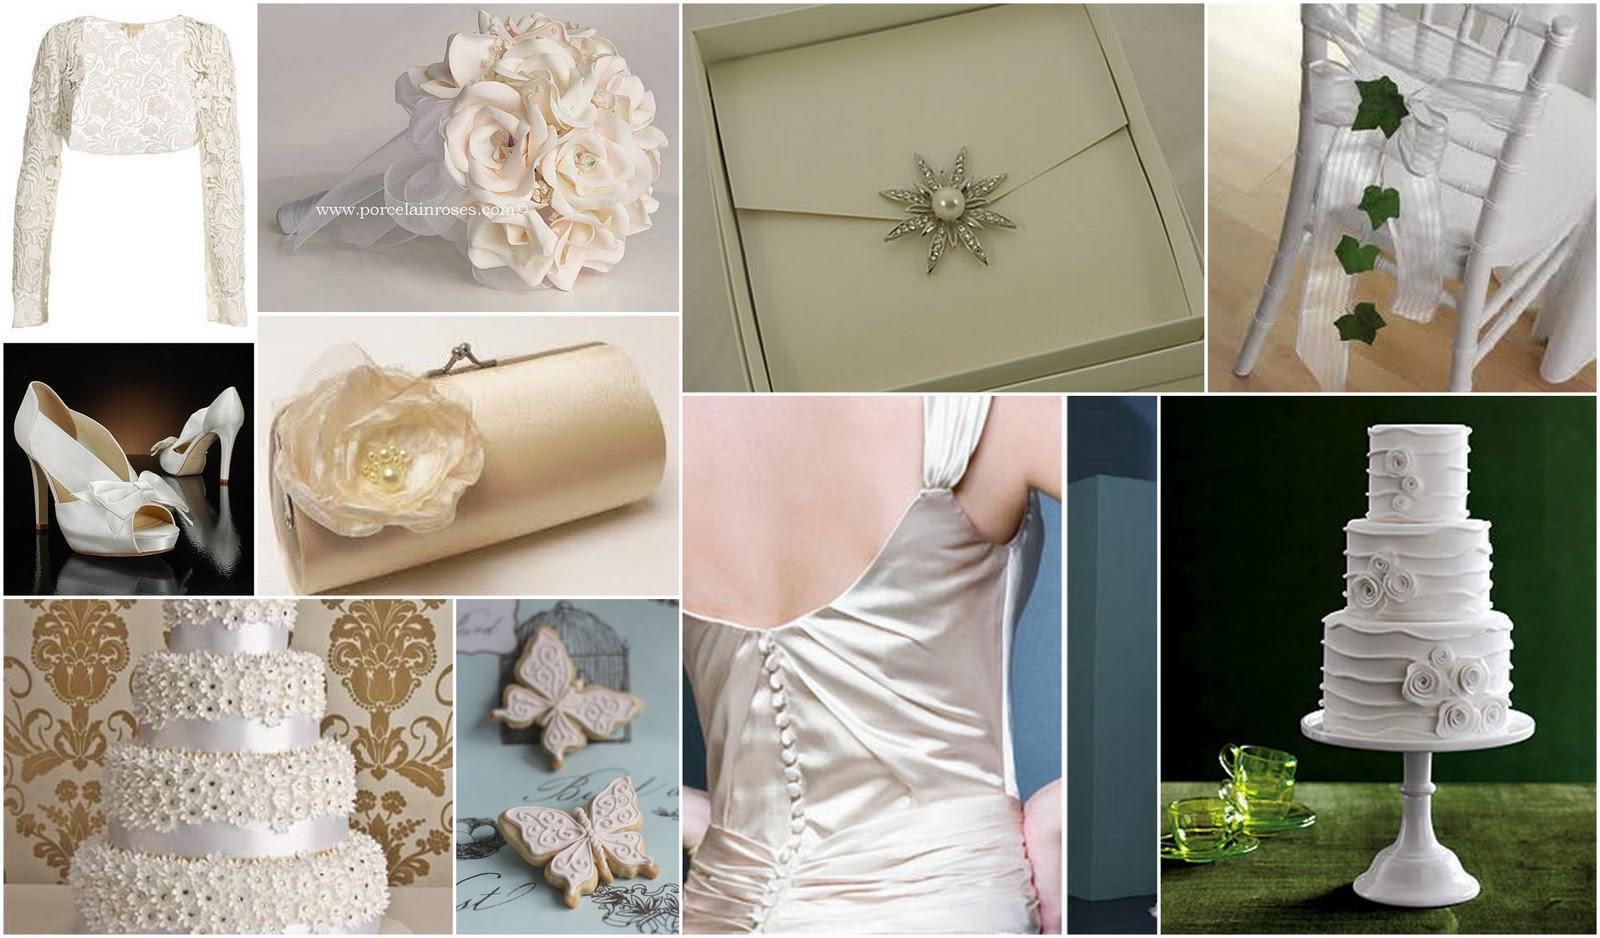 Svatba komplet čistě bílá - Obrázek č. 28